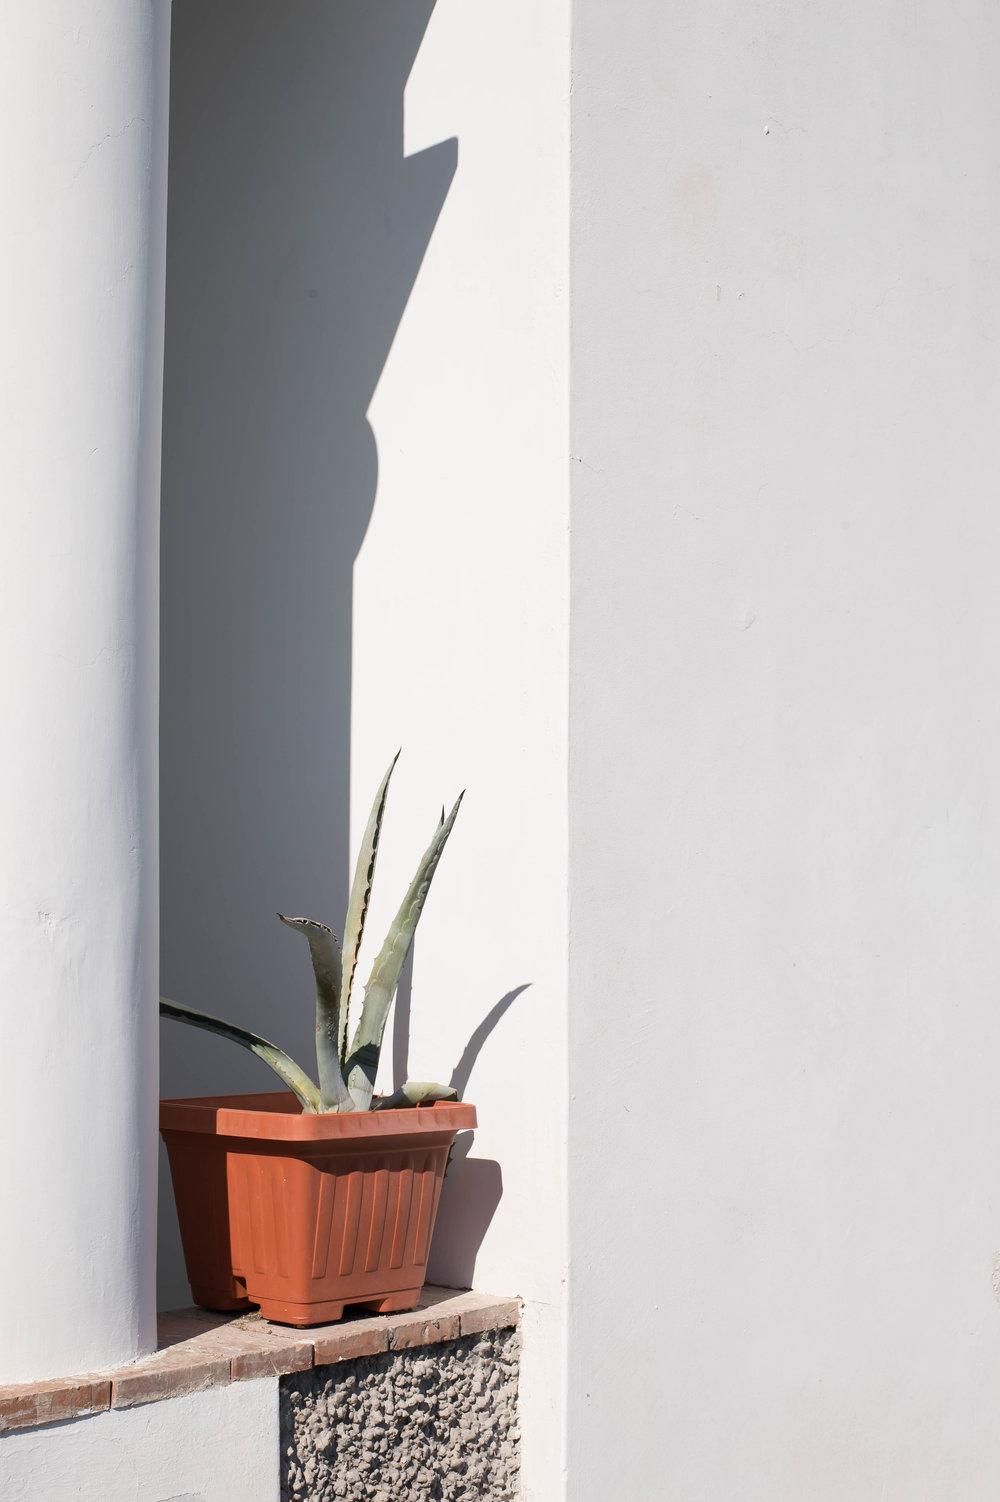 2015_09_22 capri_italia potted agave 1 V1.jpg